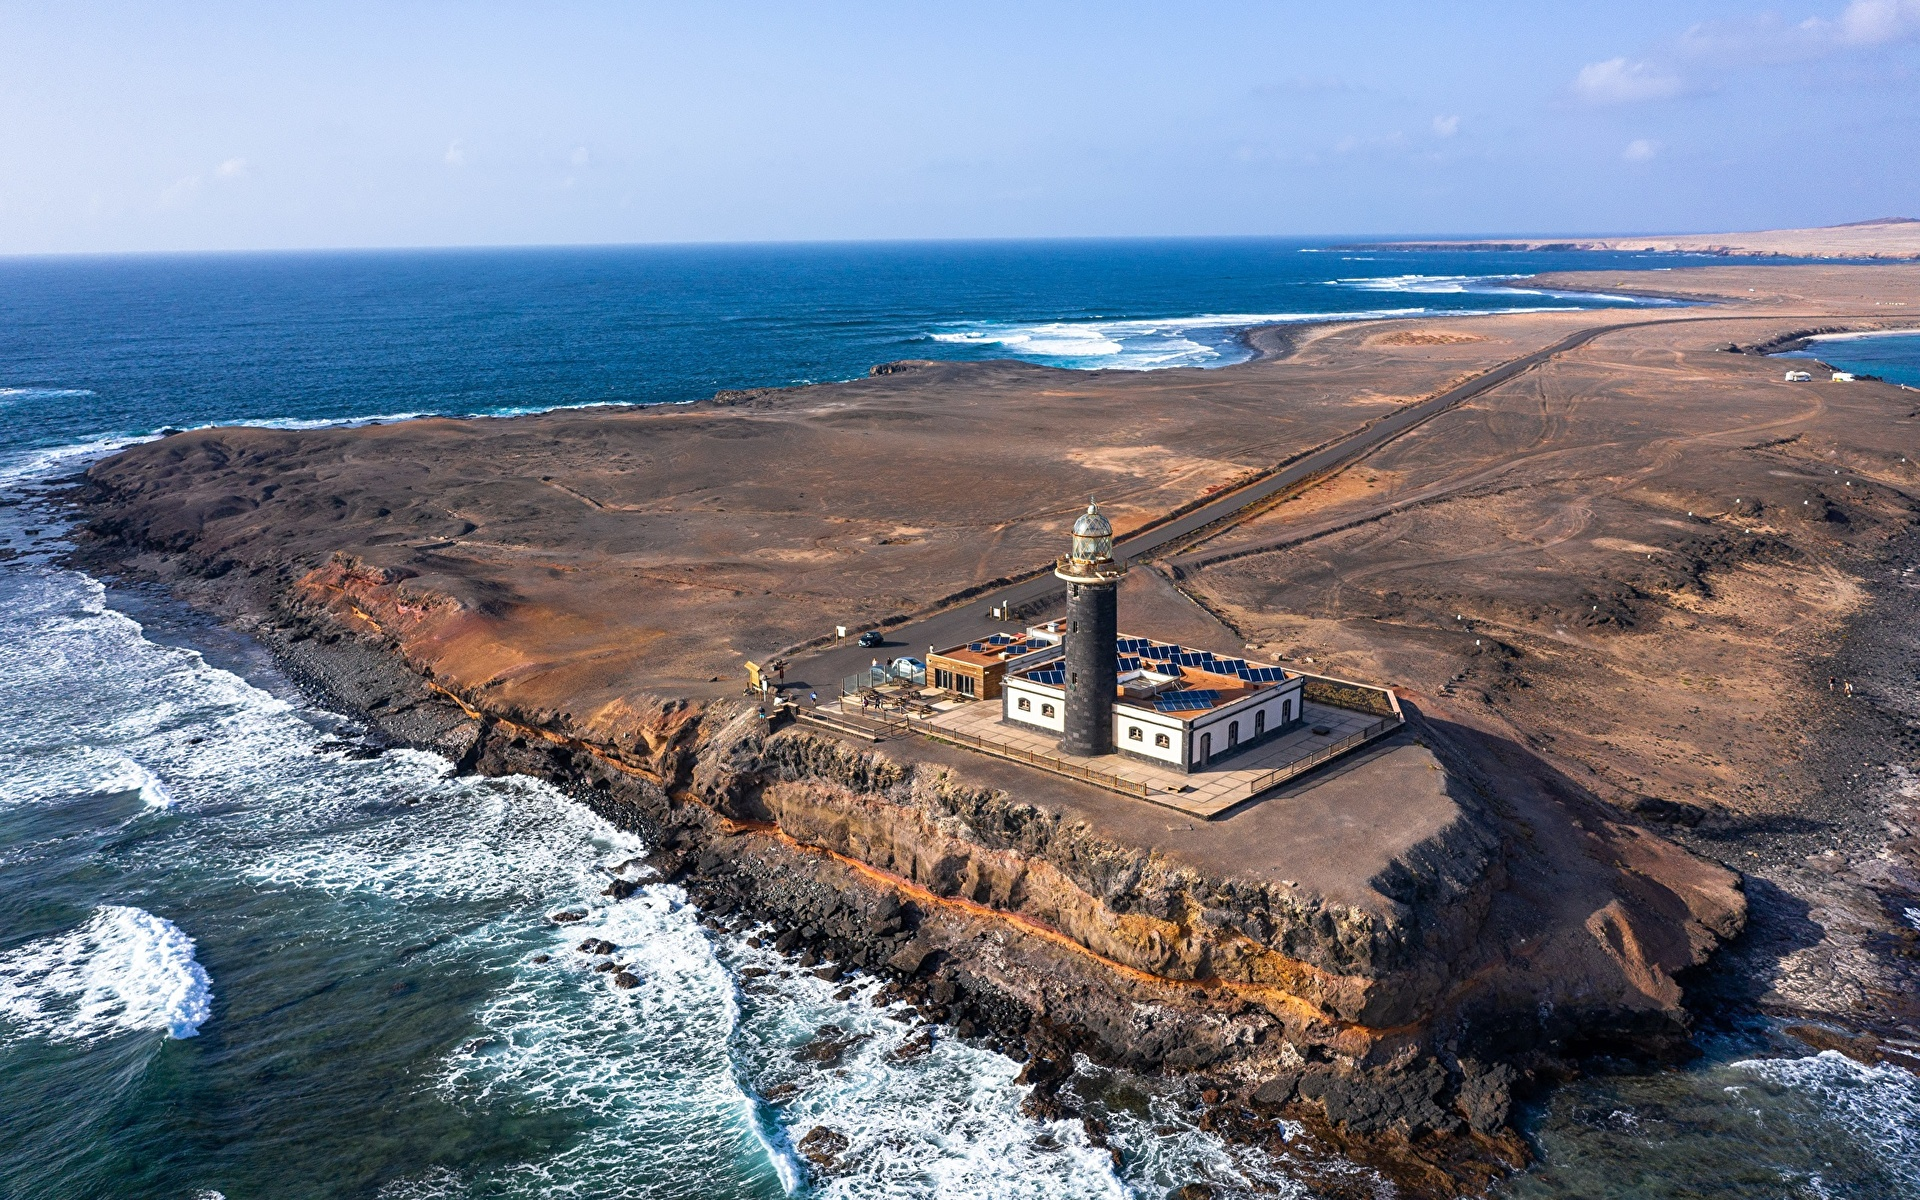 Картинки Канары Испания Fuerteventura, Punta Jandía Lighthouse Океан Маяки Природа Сверху 1920x1200 канарские острова маяк